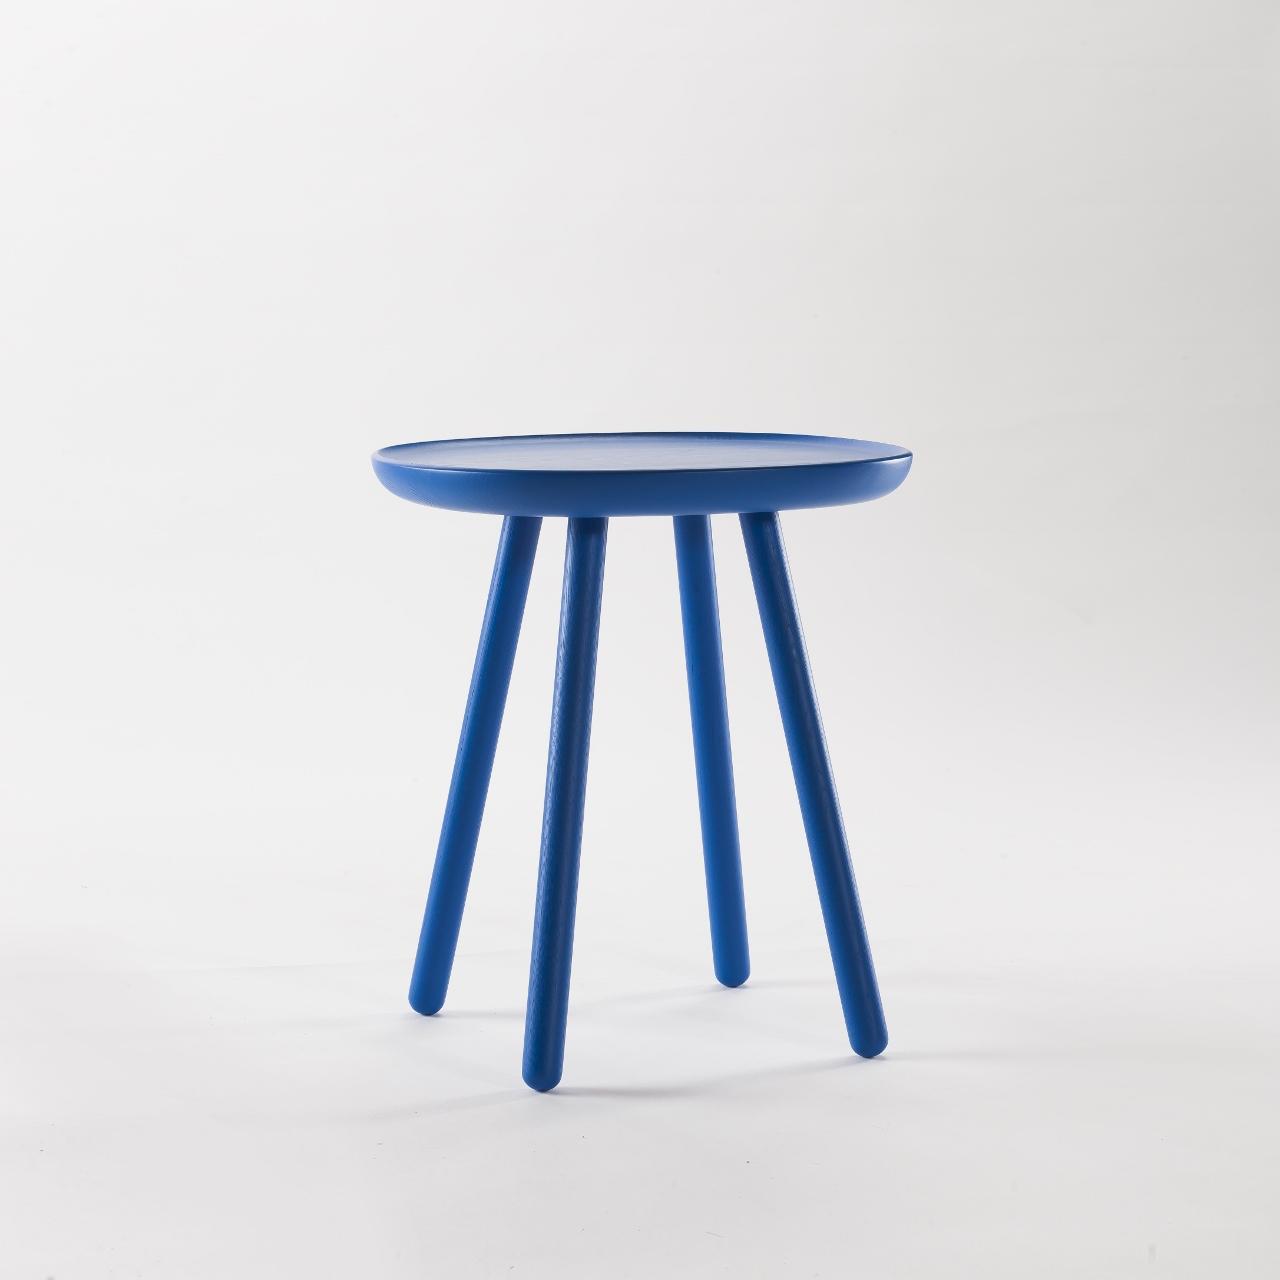 Beistelltisch aus holz blau emko for Beistelltisch design